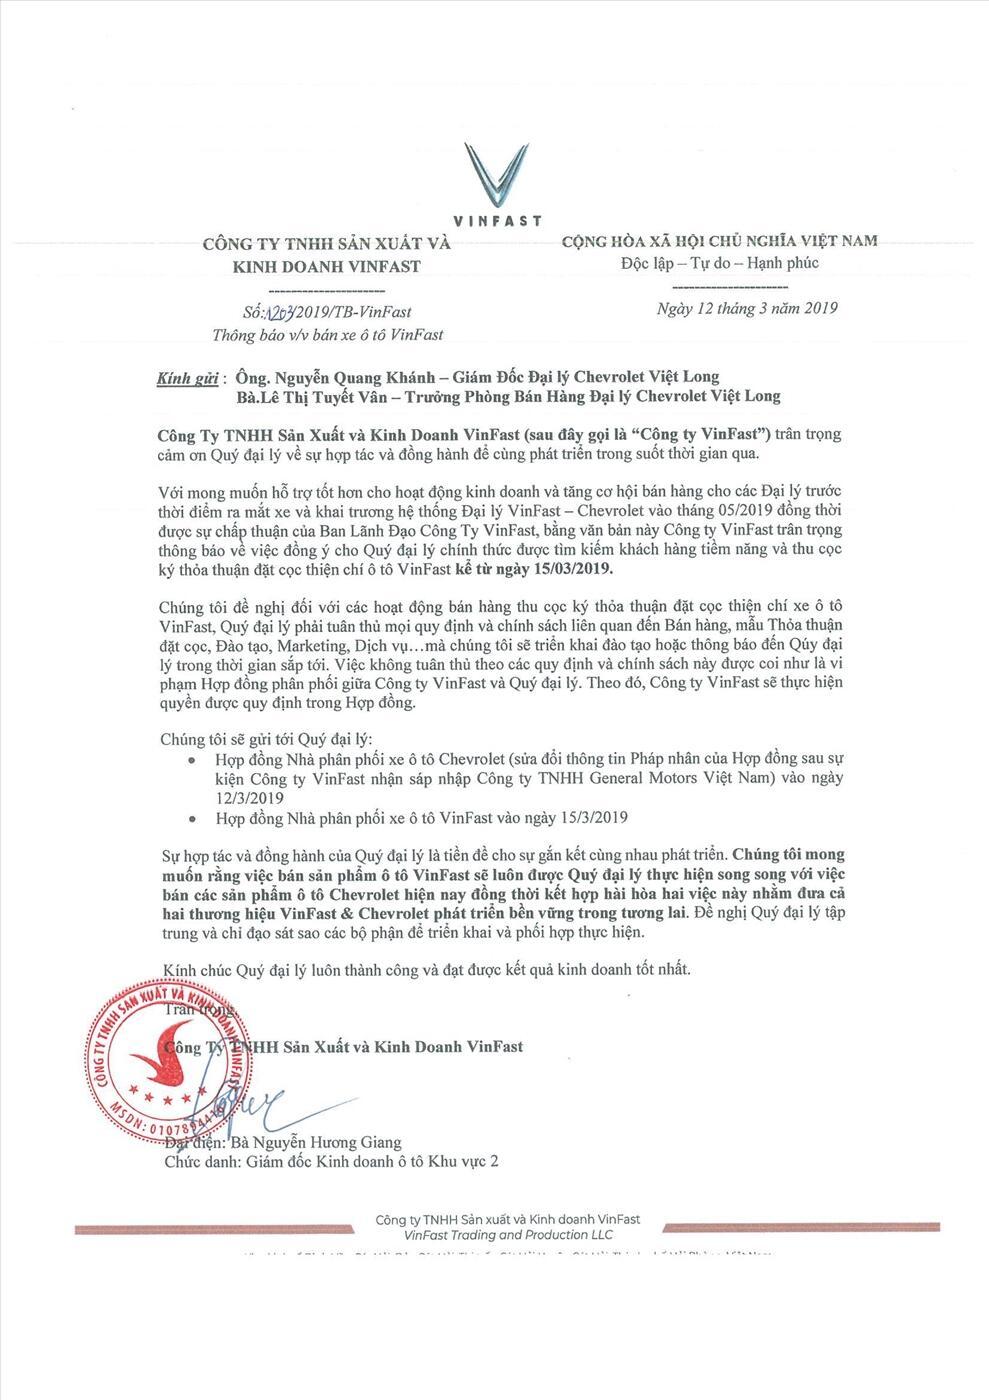 Văn bản từ phía đại diện của VinFast xác nhận đại lý Chevrolet Việt Long là nhà phân phối chính hãng xe ô tô VinFast từ ngày 15/03/2019